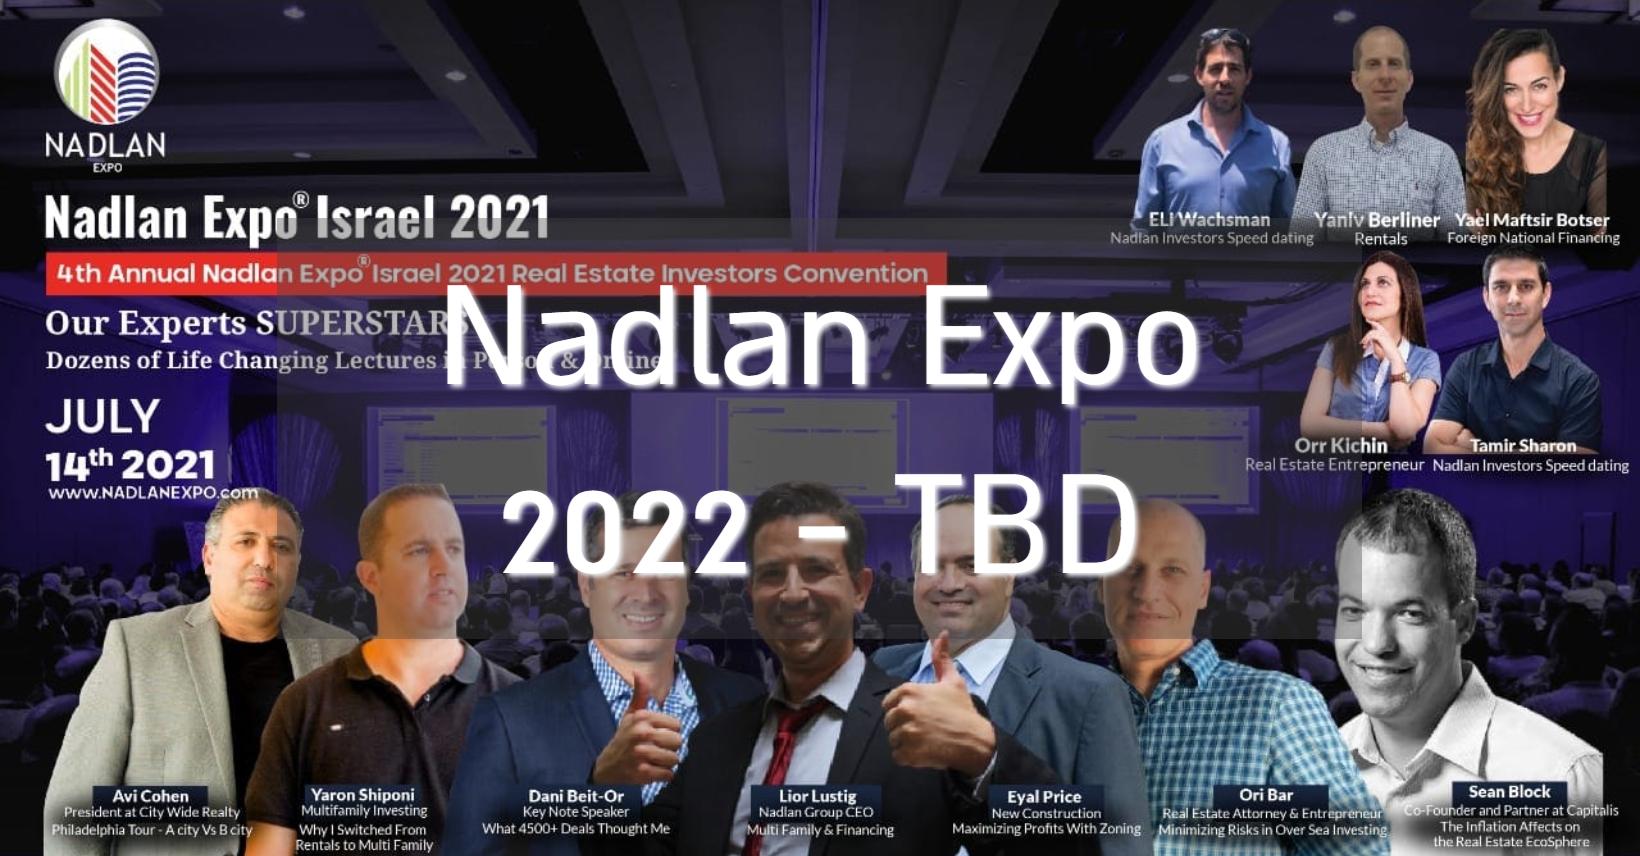 Nadlan Expo Israel 2021